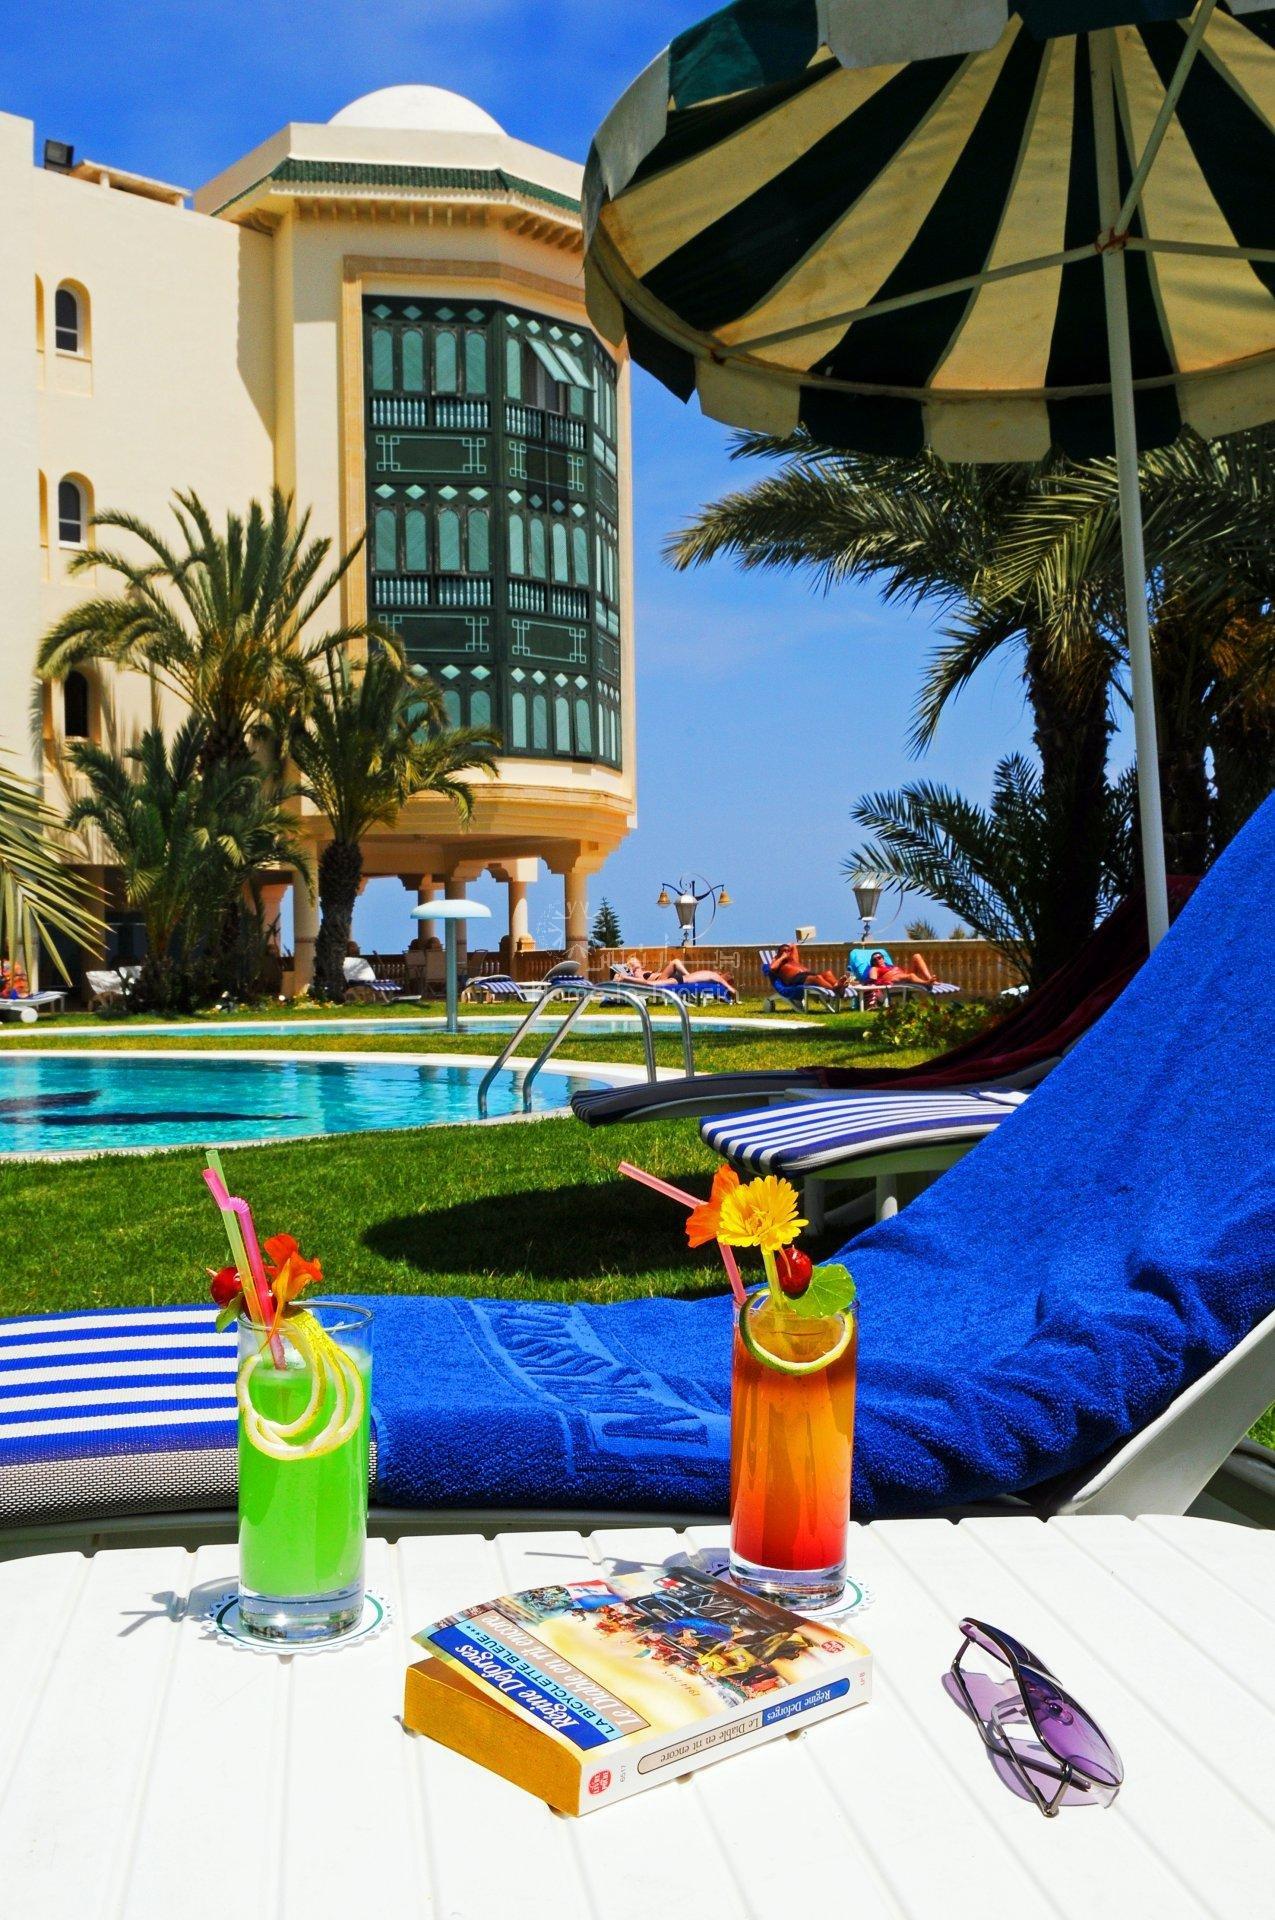 Verkoop Appartement - Hammamet - Tunesië